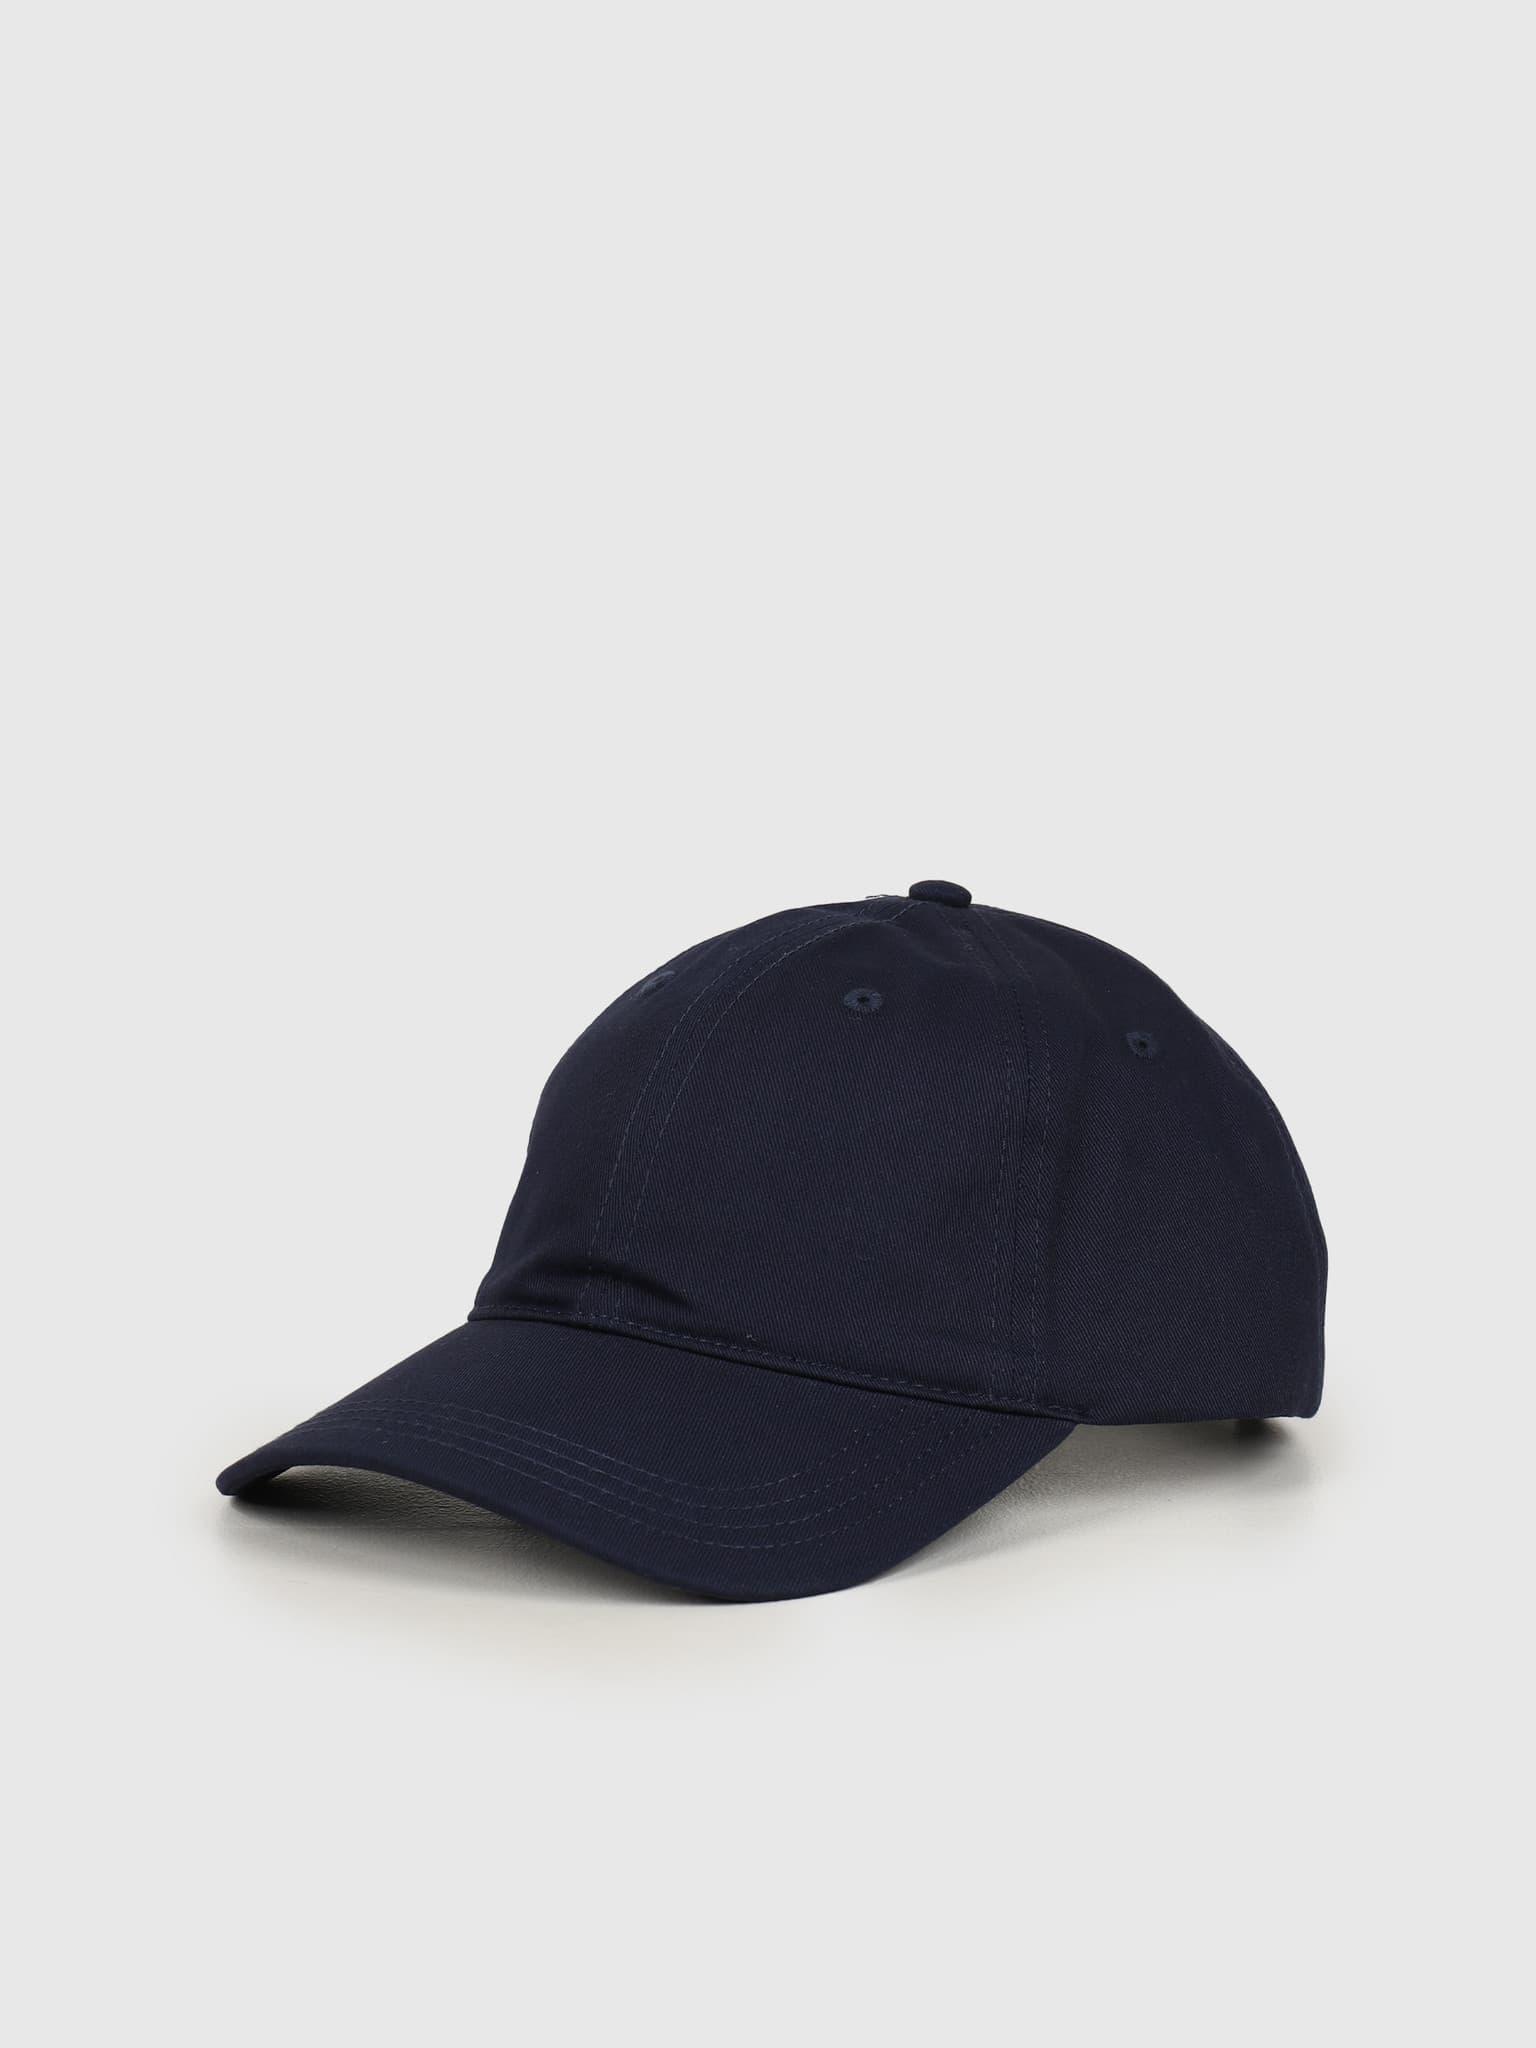 2G4C Cap 01 Navy Blue RK4709-01